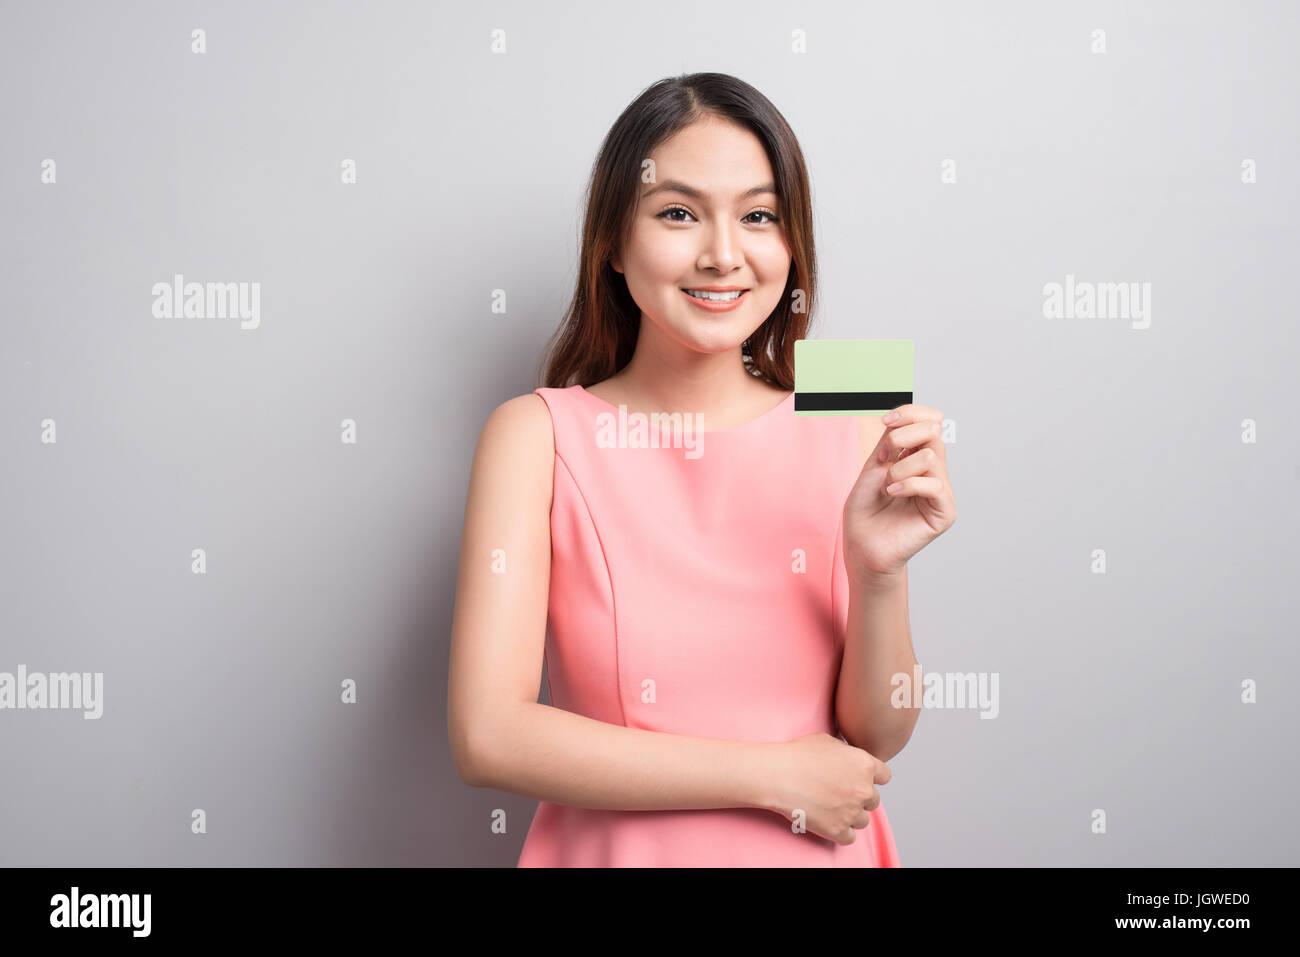 Free no credit card facial